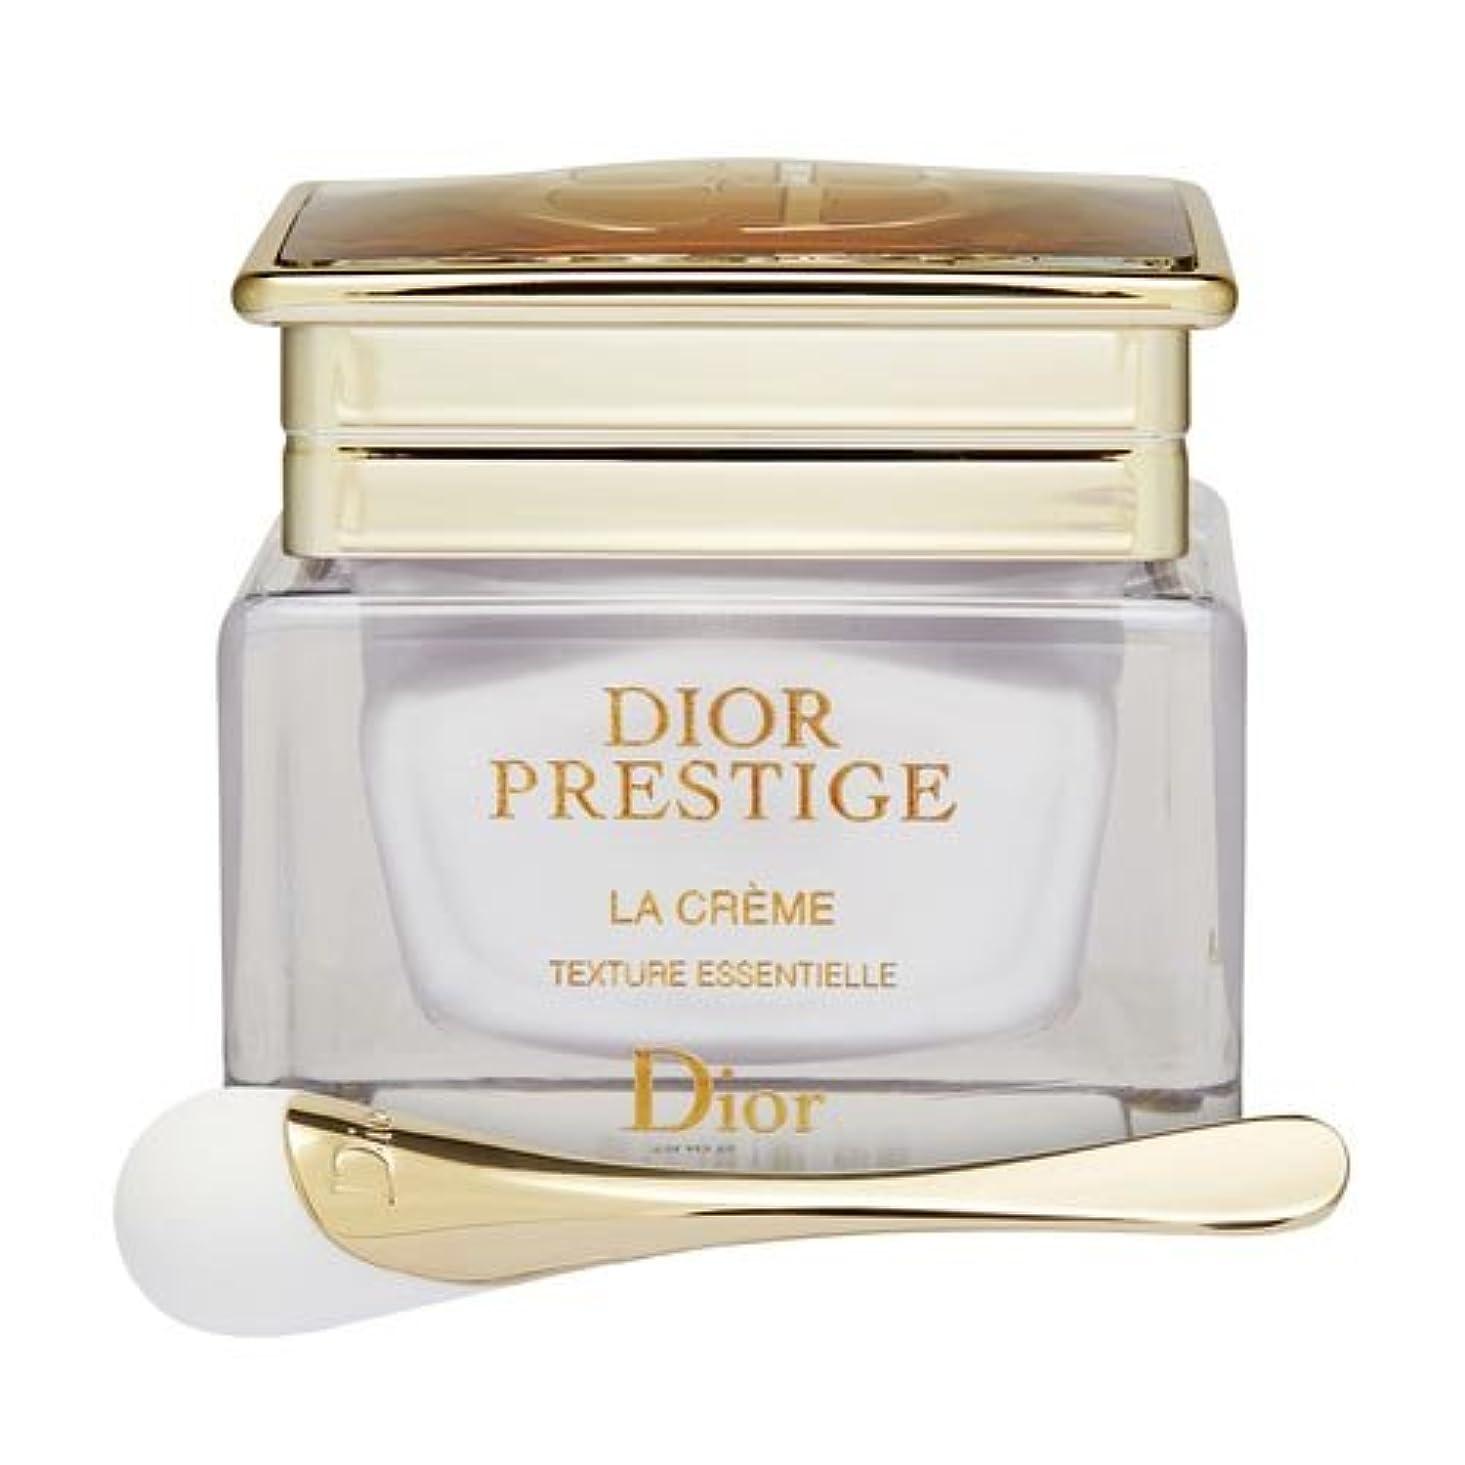 同一のやろう加速度ディオール(Dior) プレステージ ラ クレーム 50ml[並行輸入品]